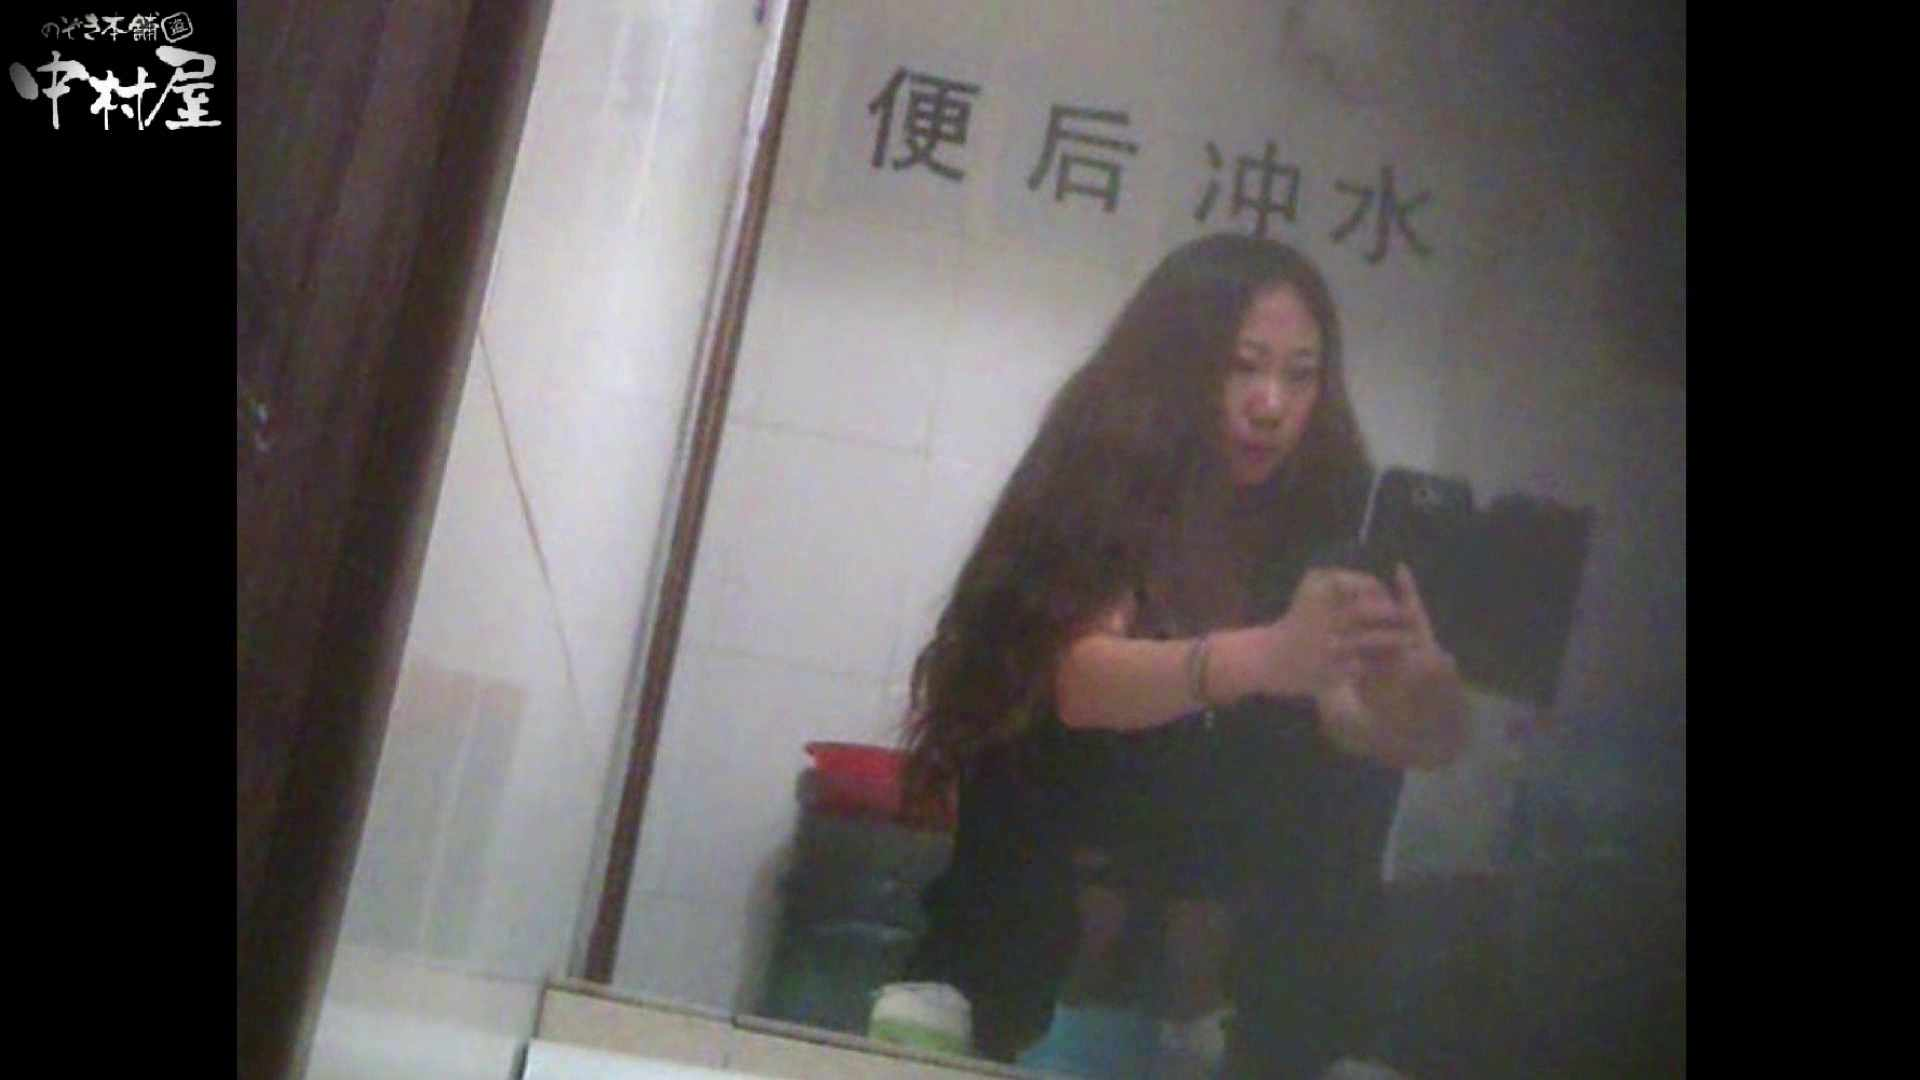 李さんの盗撮日記 Vol.03 トイレの中の女の子 セックス画像 77連発 70